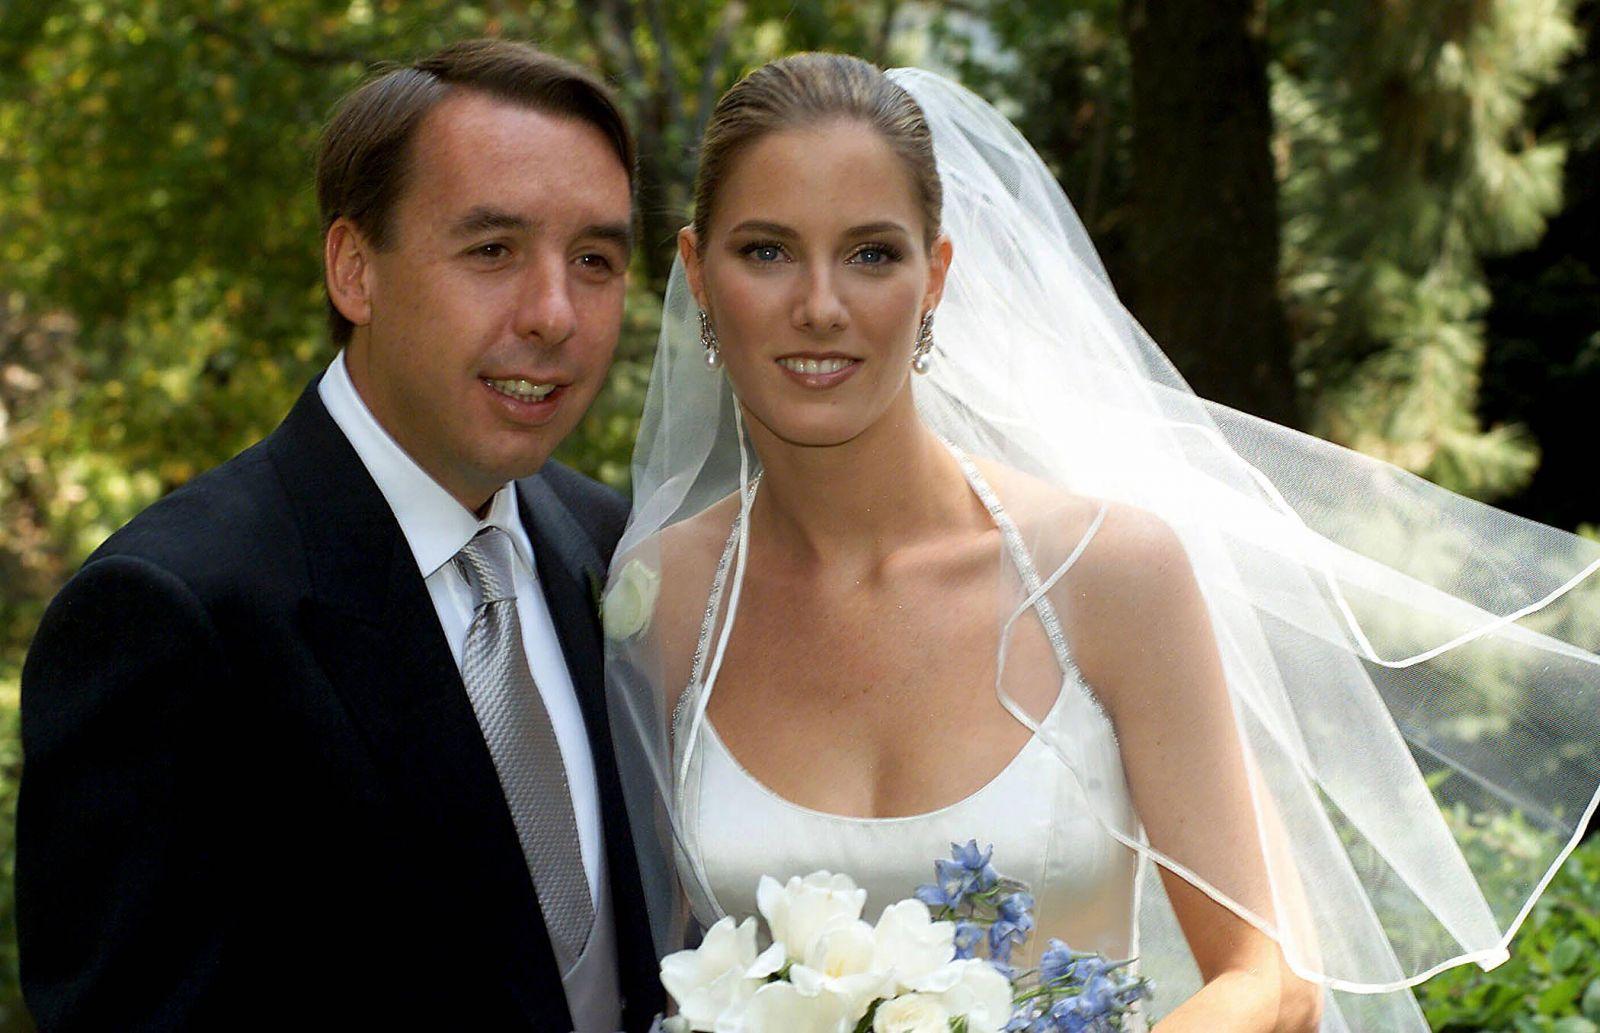 Sharon Fastlicht Kurian with her partner Emilio Azcarraga Jean